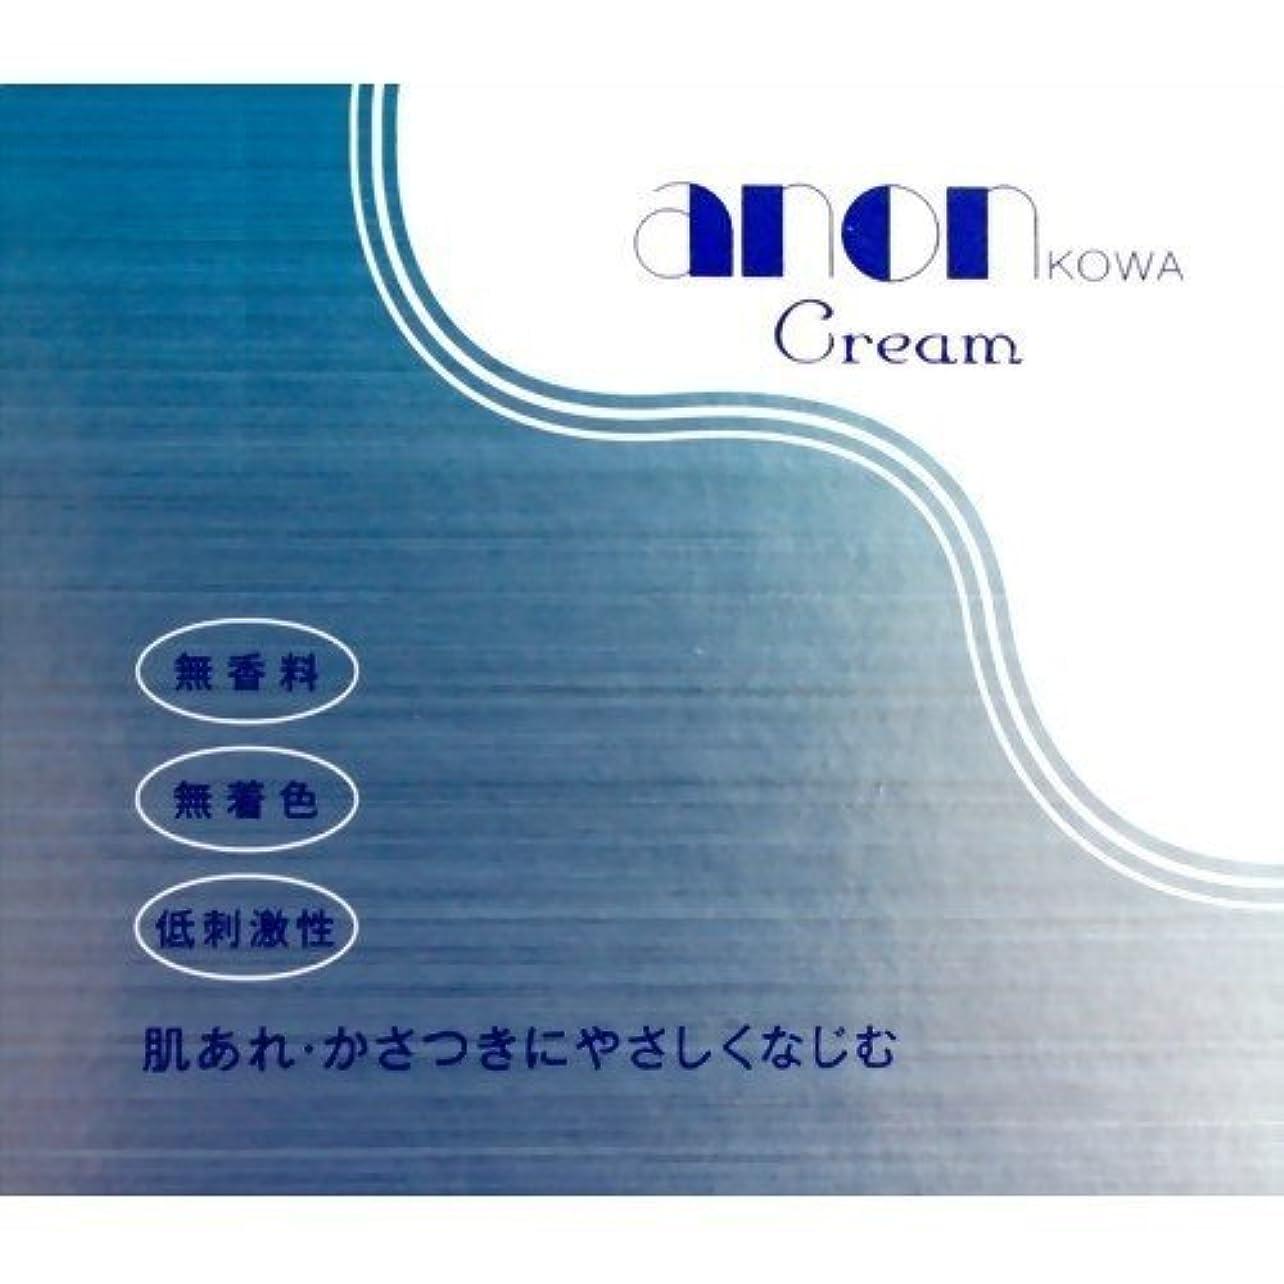 粘性の処方する外出興和新薬 アノンコーワクリーム(160g)×2